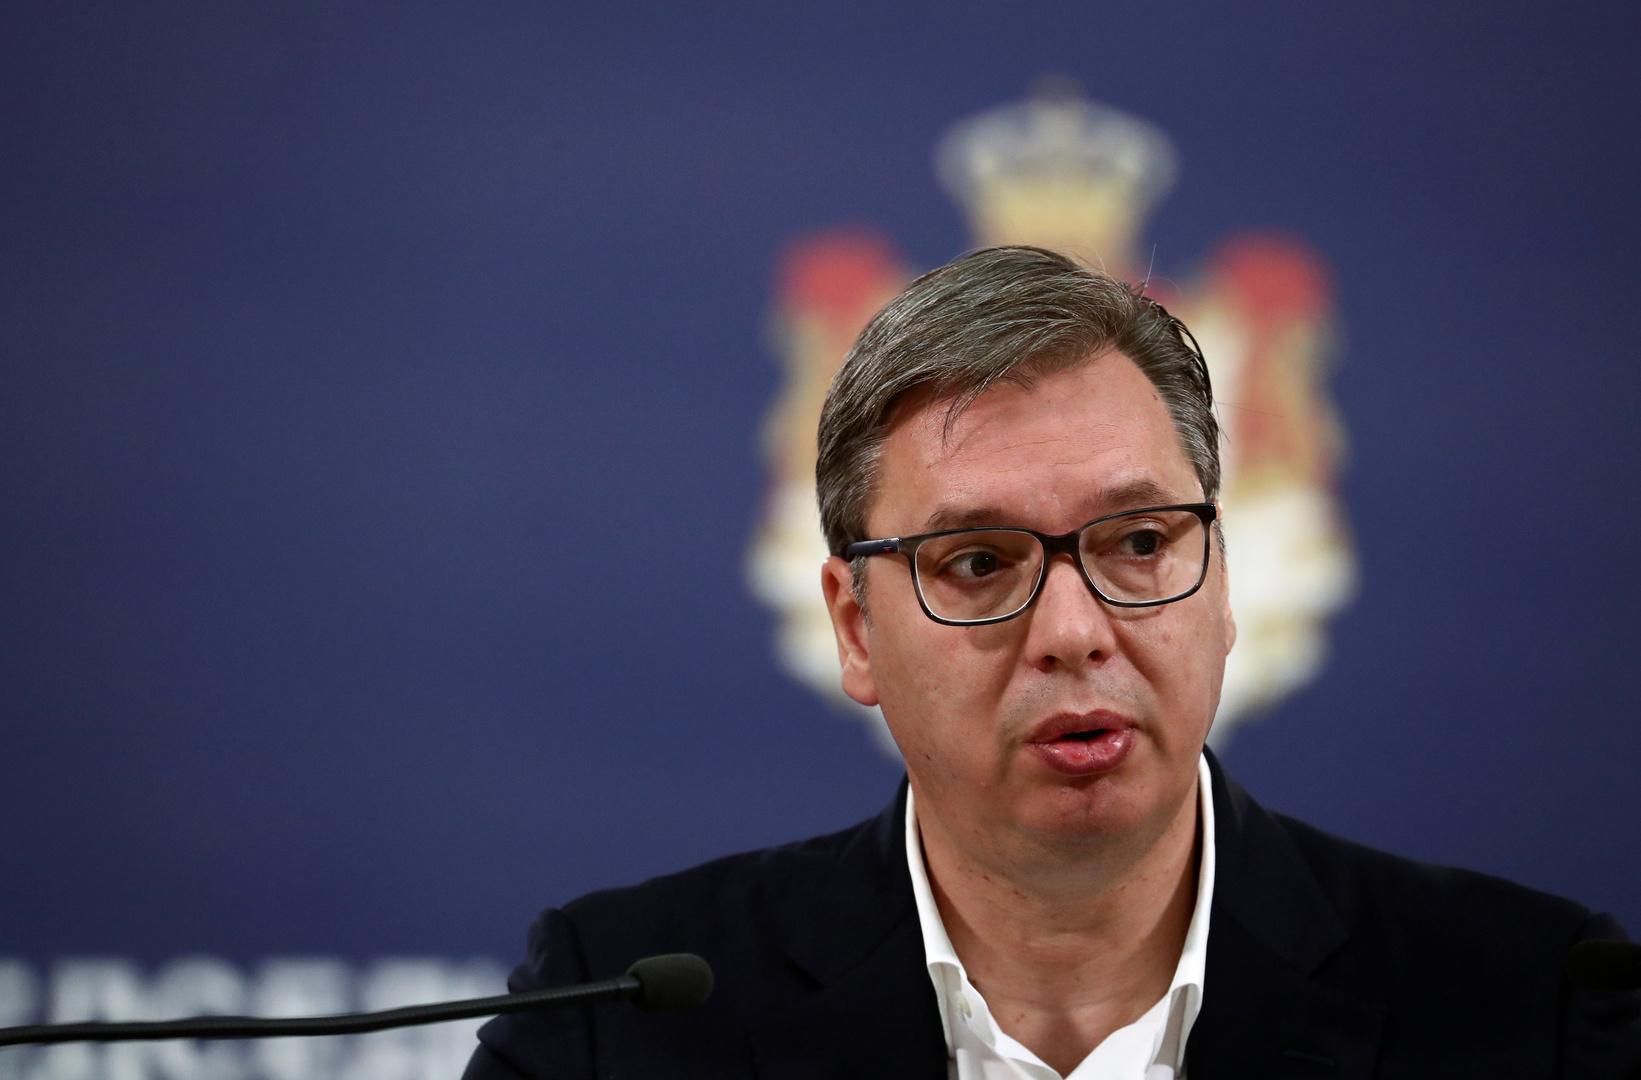 الرئيس الصربي، ألمكسندر فوتشيتش